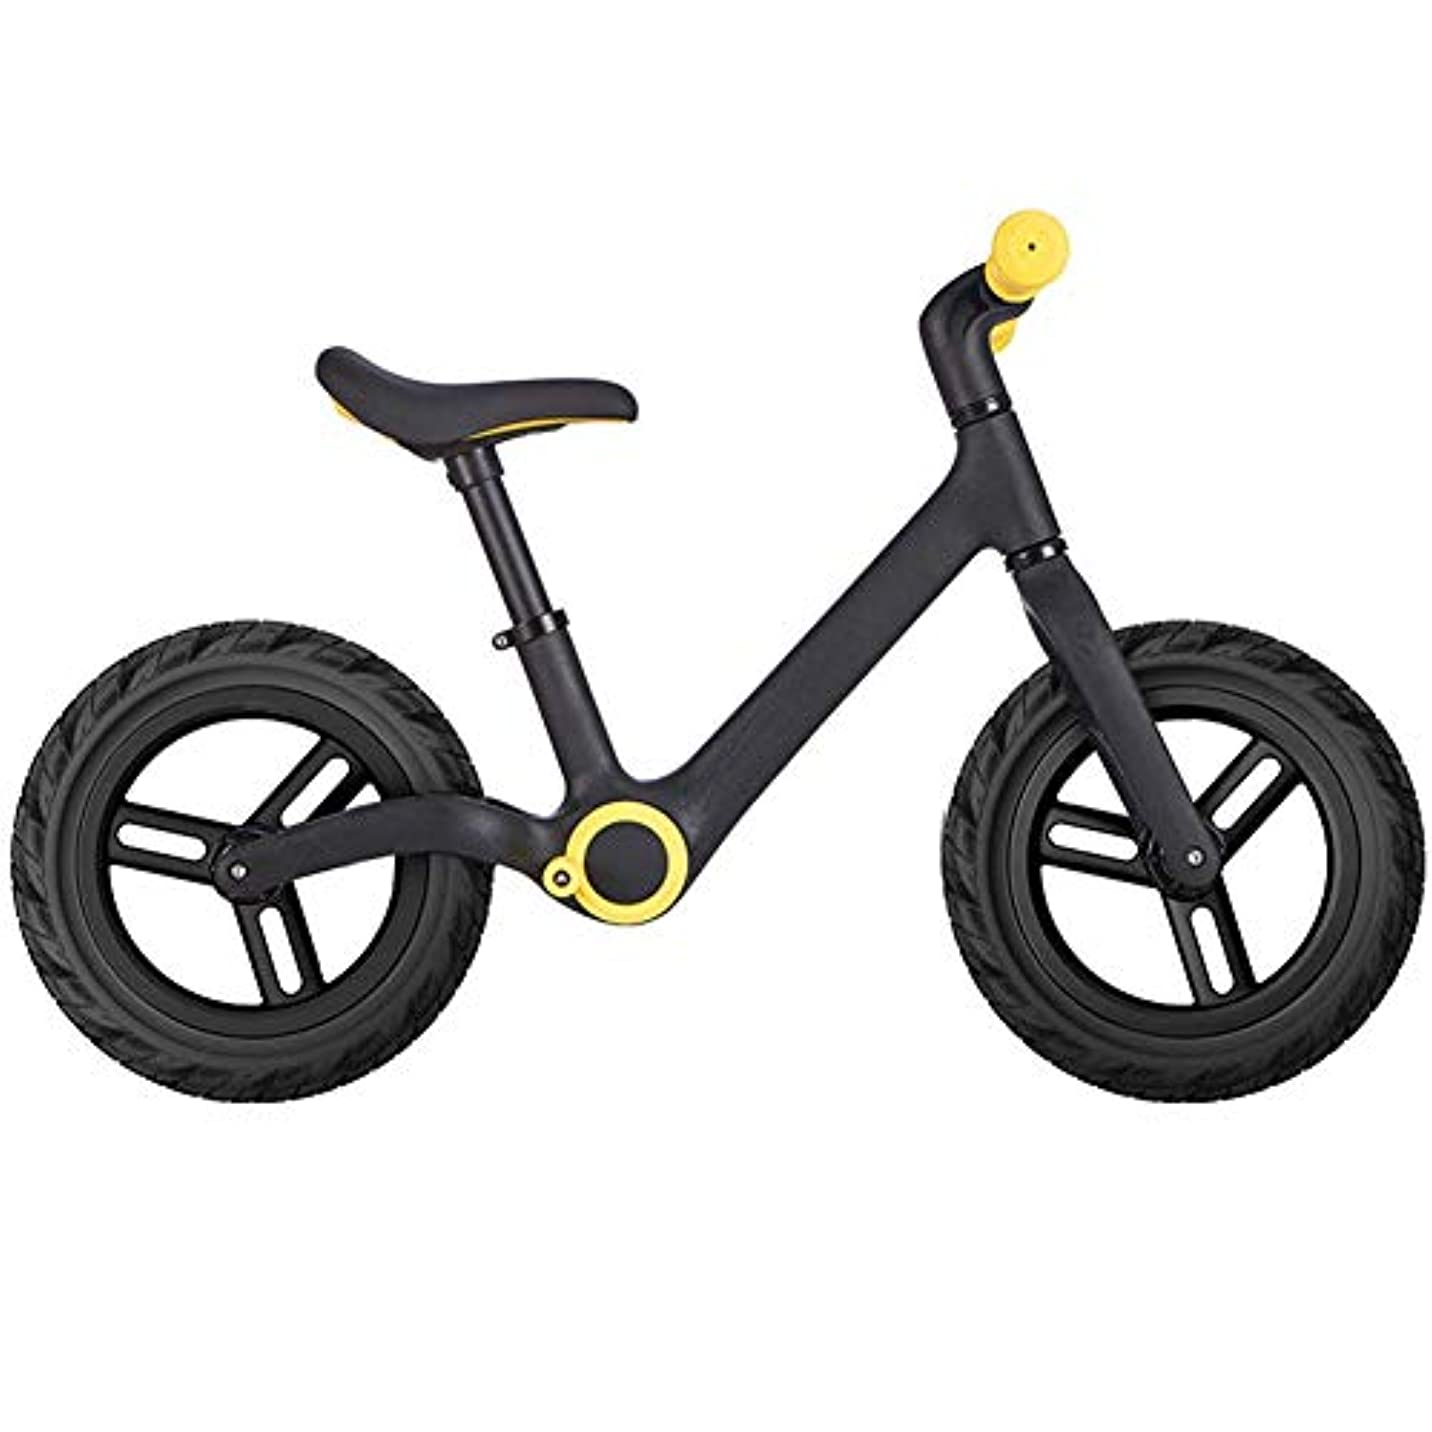 祈るメモ降臨幼児と子供のための自転車バランスバイク、インフレタイヤ付きの子供トレーニング自転車、幼児用の調整可能なシート2?6歳